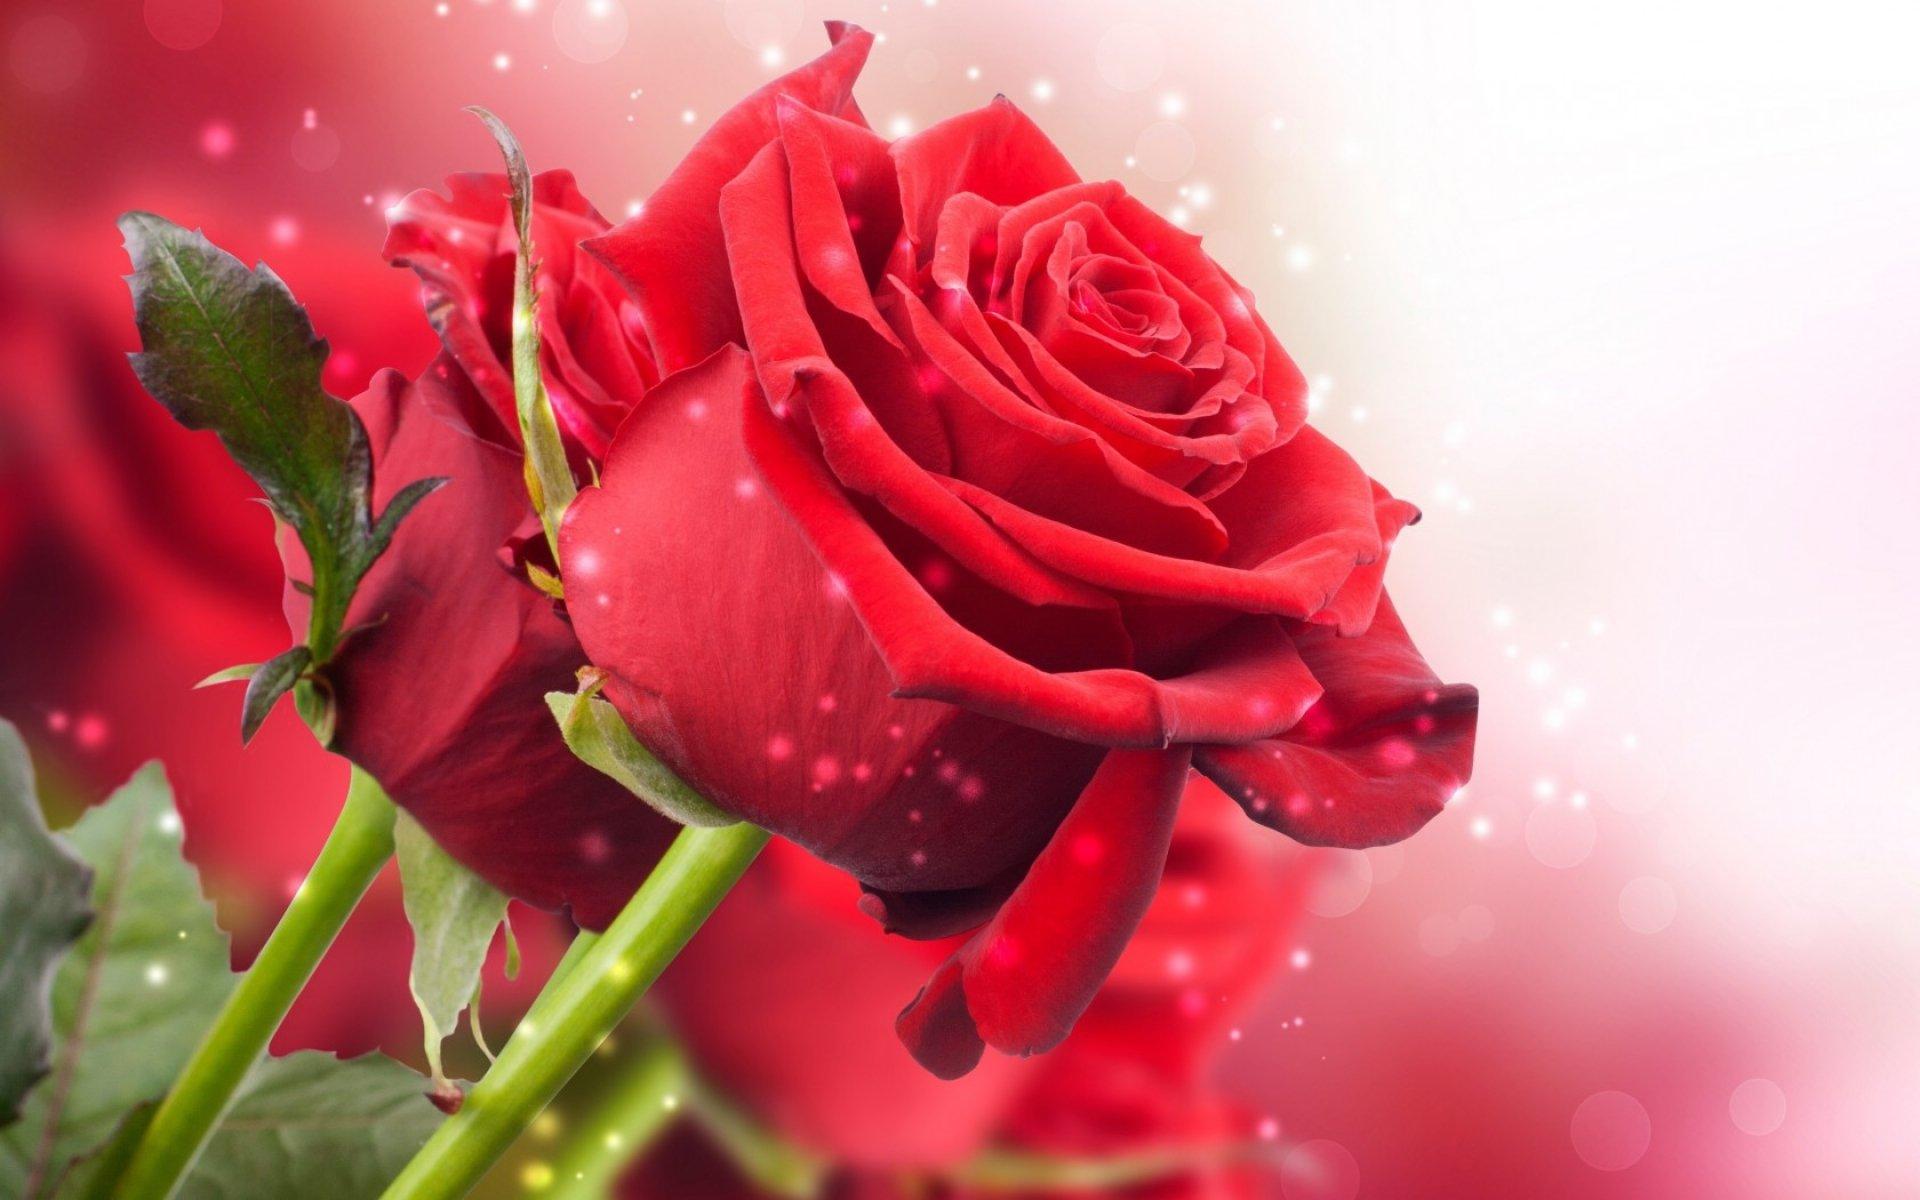 Red Rose Flower Garden Wallpaper